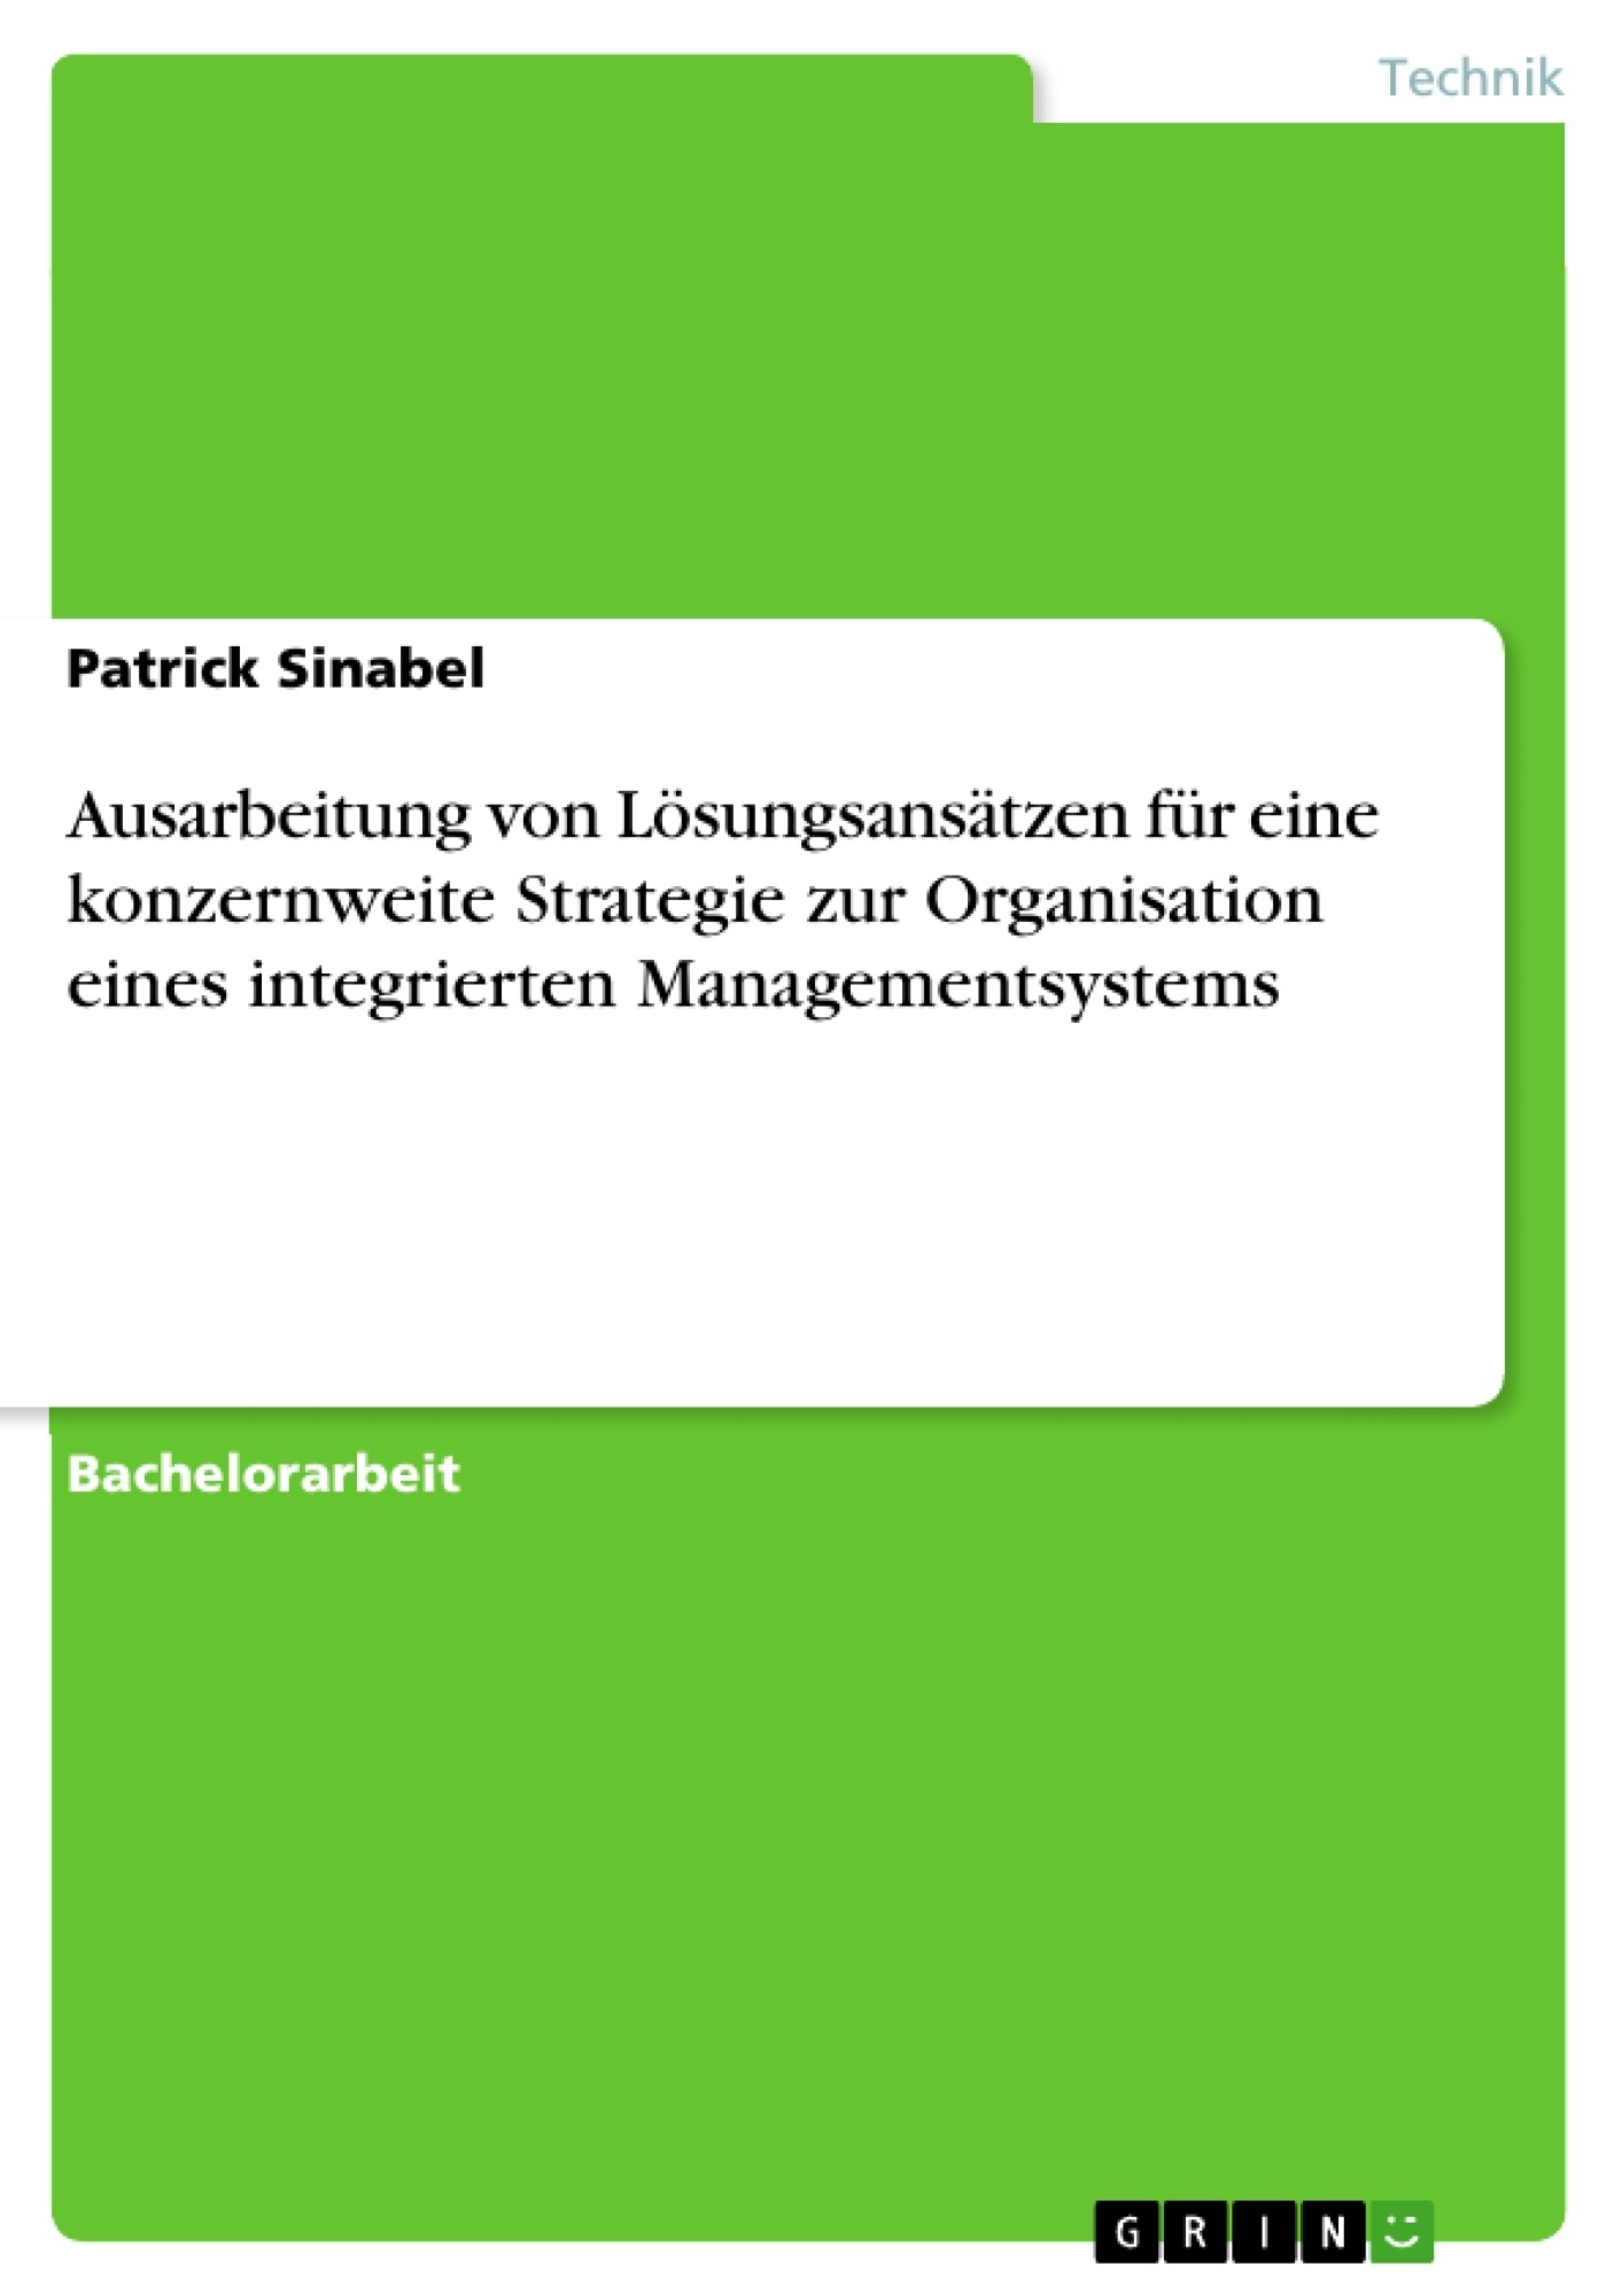 Titel: Ausarbeitung von Lösungsansätzen für eine konzernweite Strategie zur Organisation eines integrierten Managementsystems